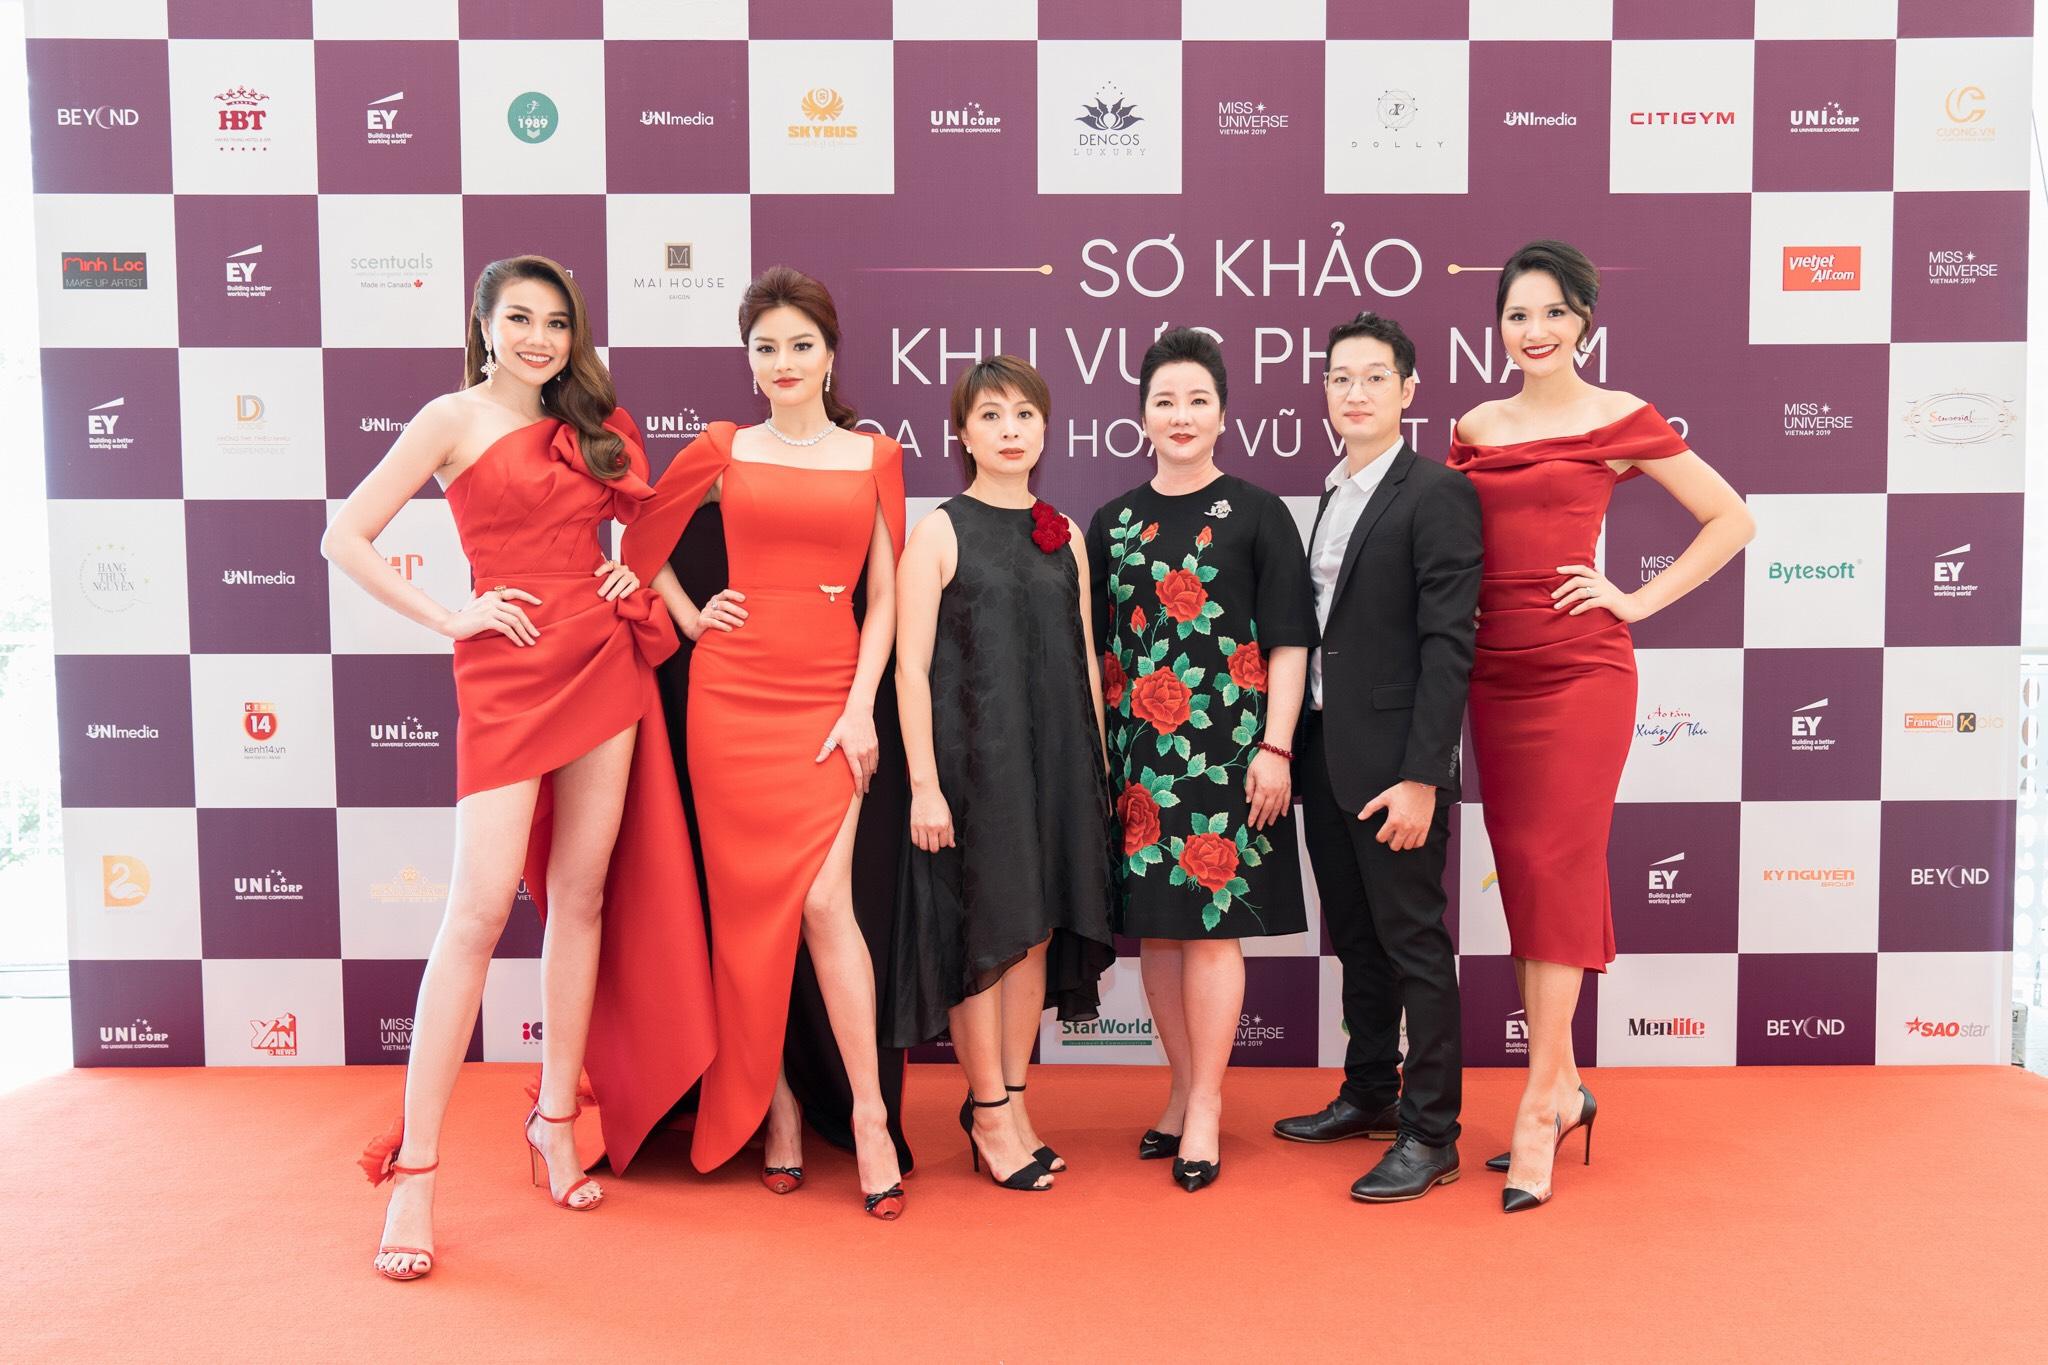 GK Hoa Hau Hoan Vu Viet Nam 2019 (2)